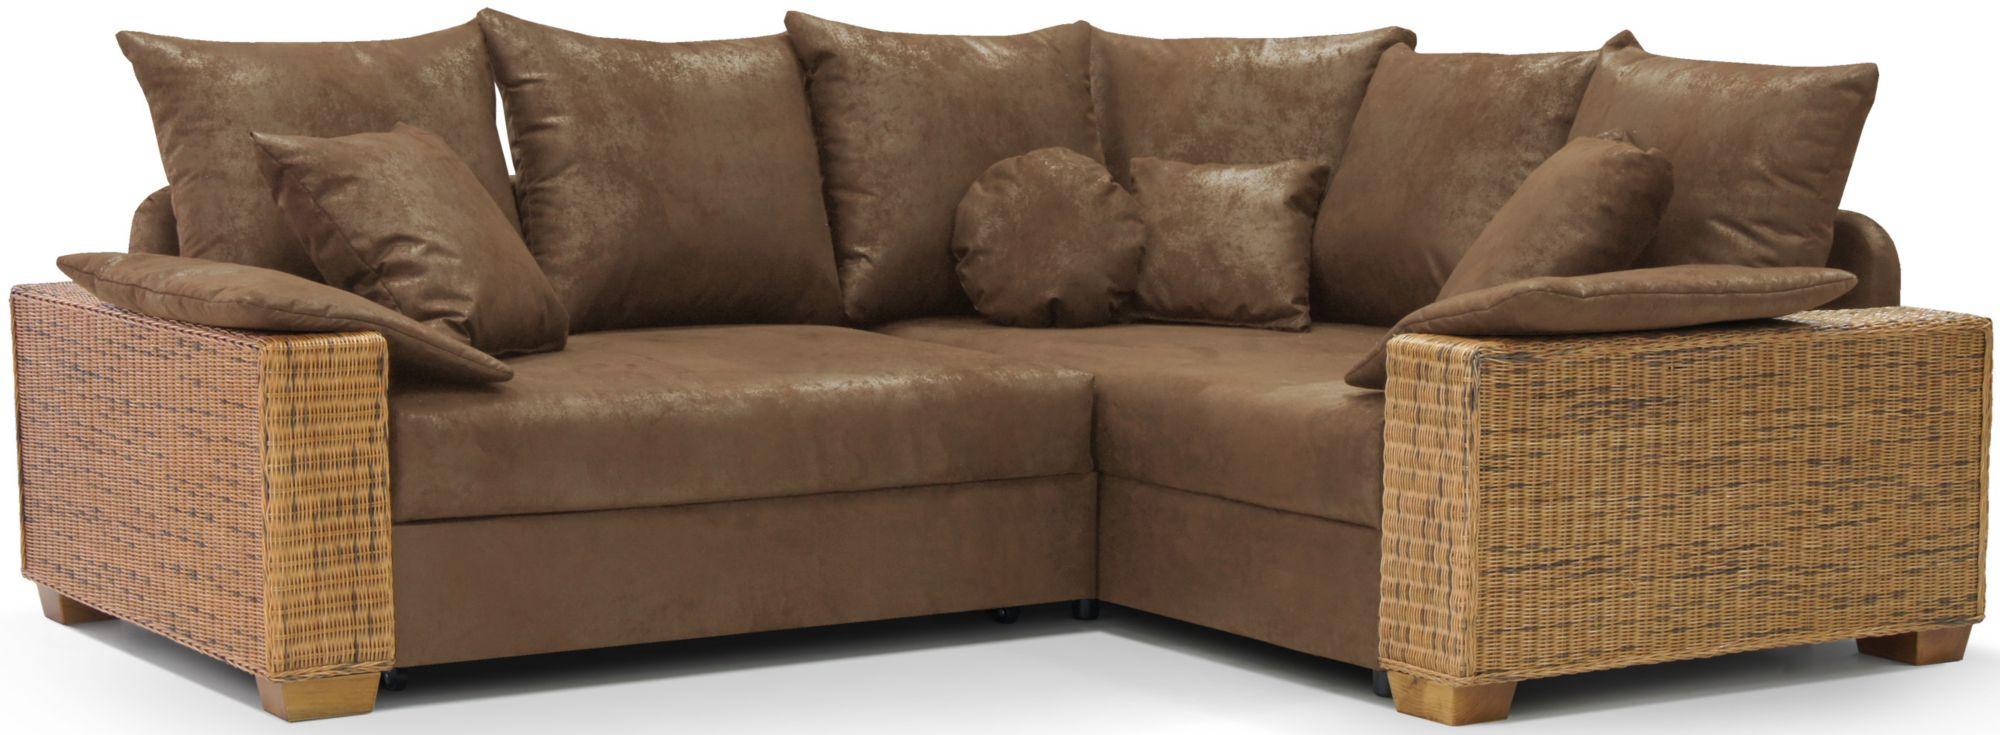 polsterecke hukla g nstig online kaufen beim schwab versand. Black Bedroom Furniture Sets. Home Design Ideas